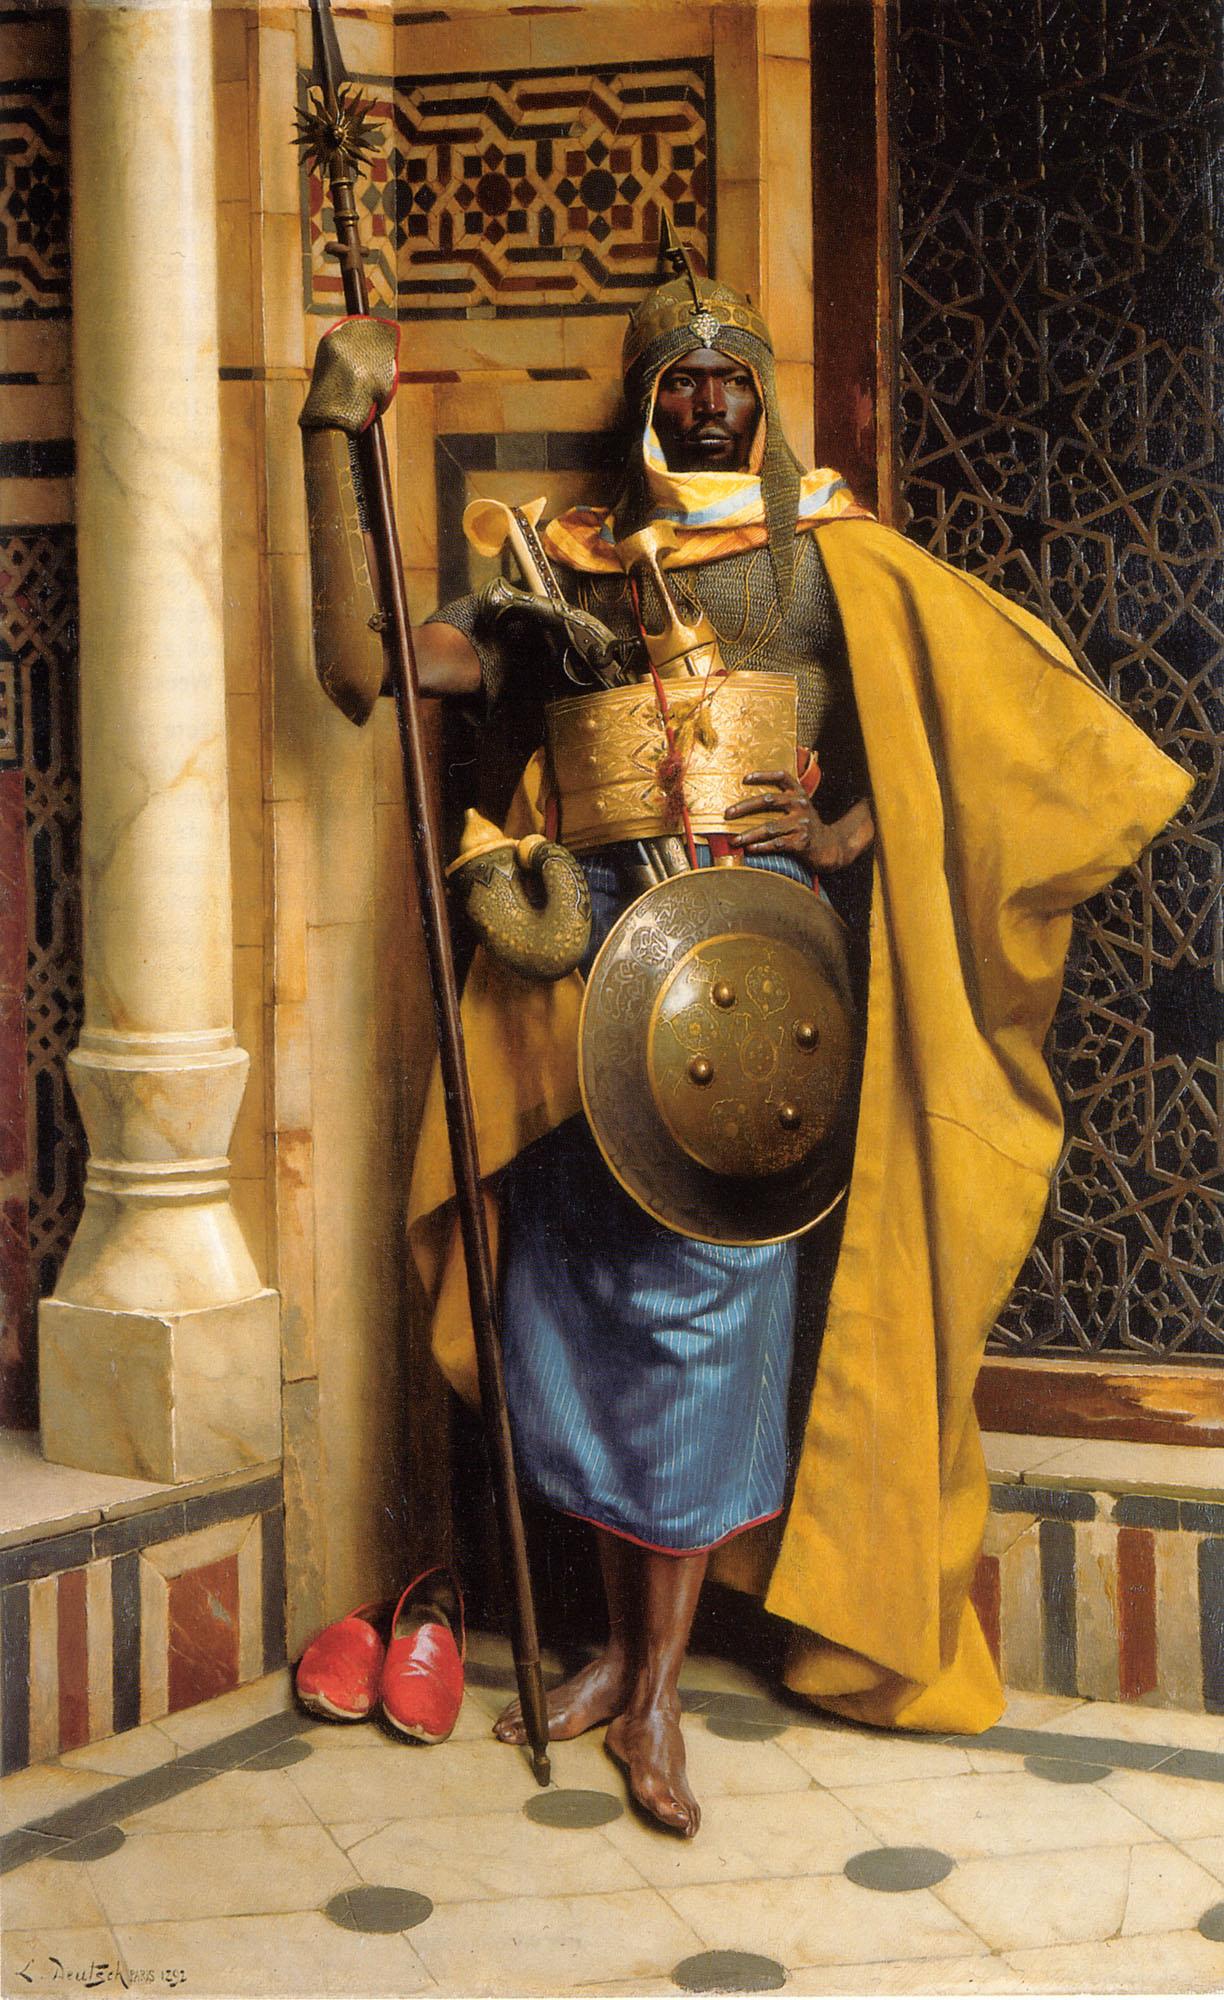 Une peinture d'un guerrier du sultanat de Sinnar, achevée au XIXe siècle lors de l'existence du Sultanat Funj de Sennar peint par Ludwig Deutsch